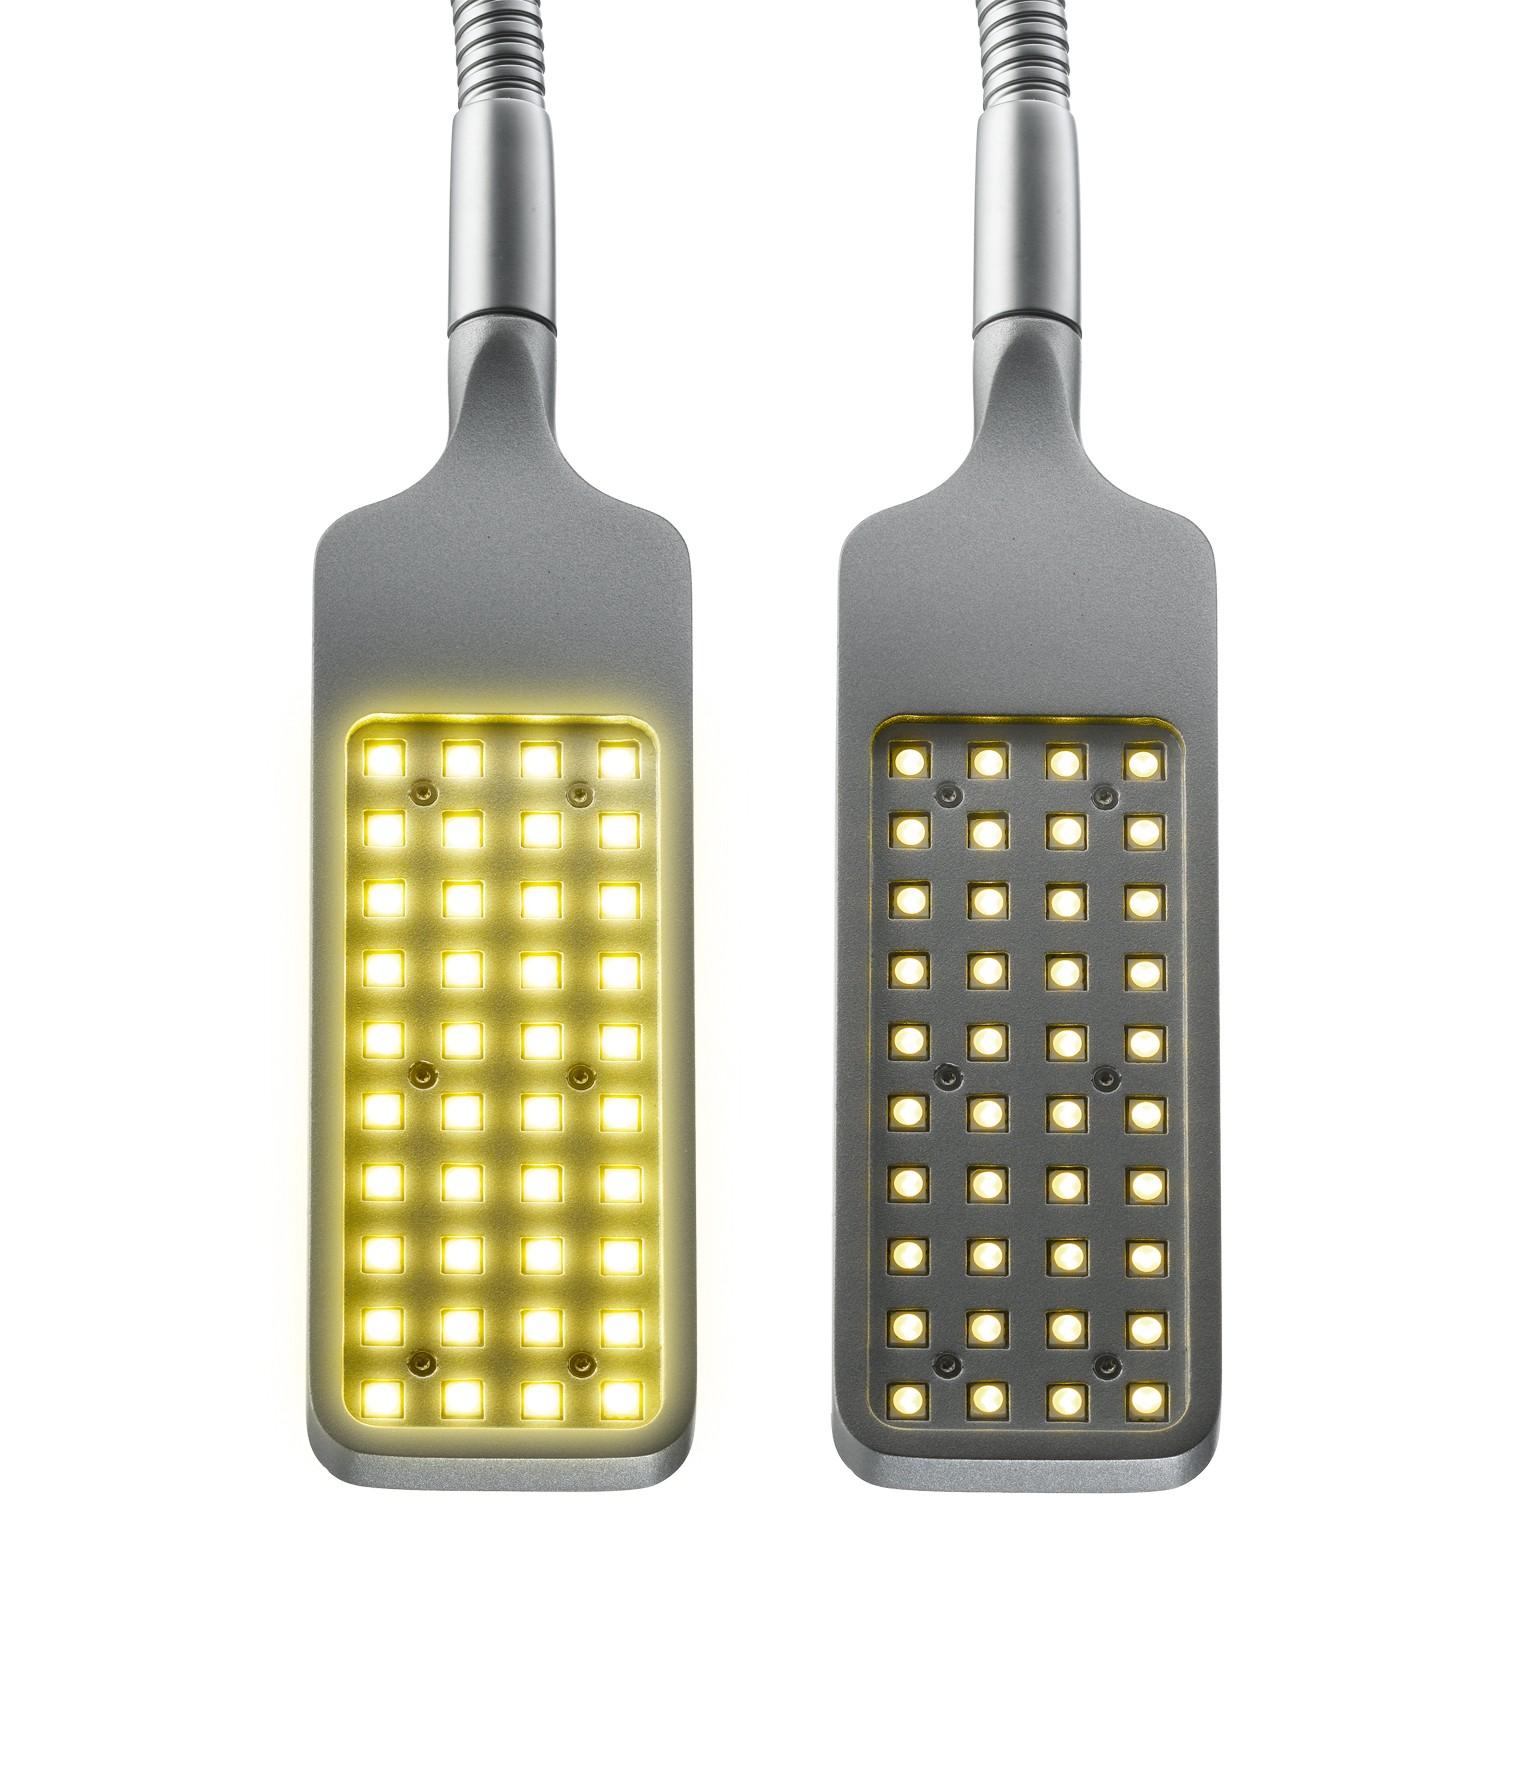 Купить Светильник Moll Flexlight в интернет магазине. Цены, характеристики, фото, отзывы, обзоры